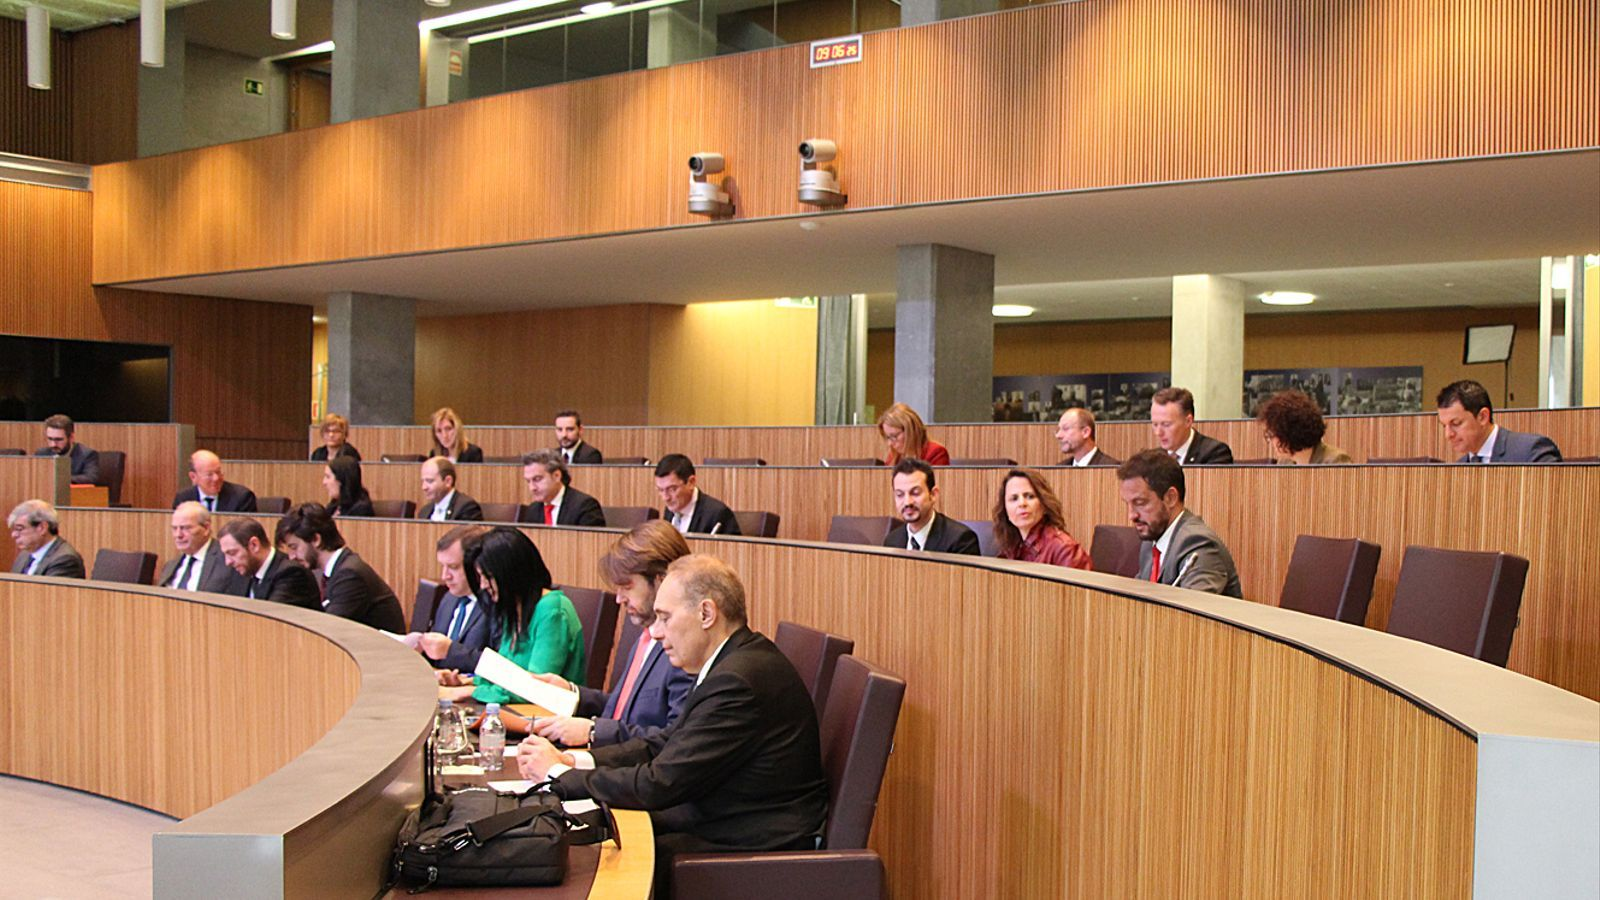 Els consellers generals durant la sessió d'aquest dijous. / M. F. (ANA)